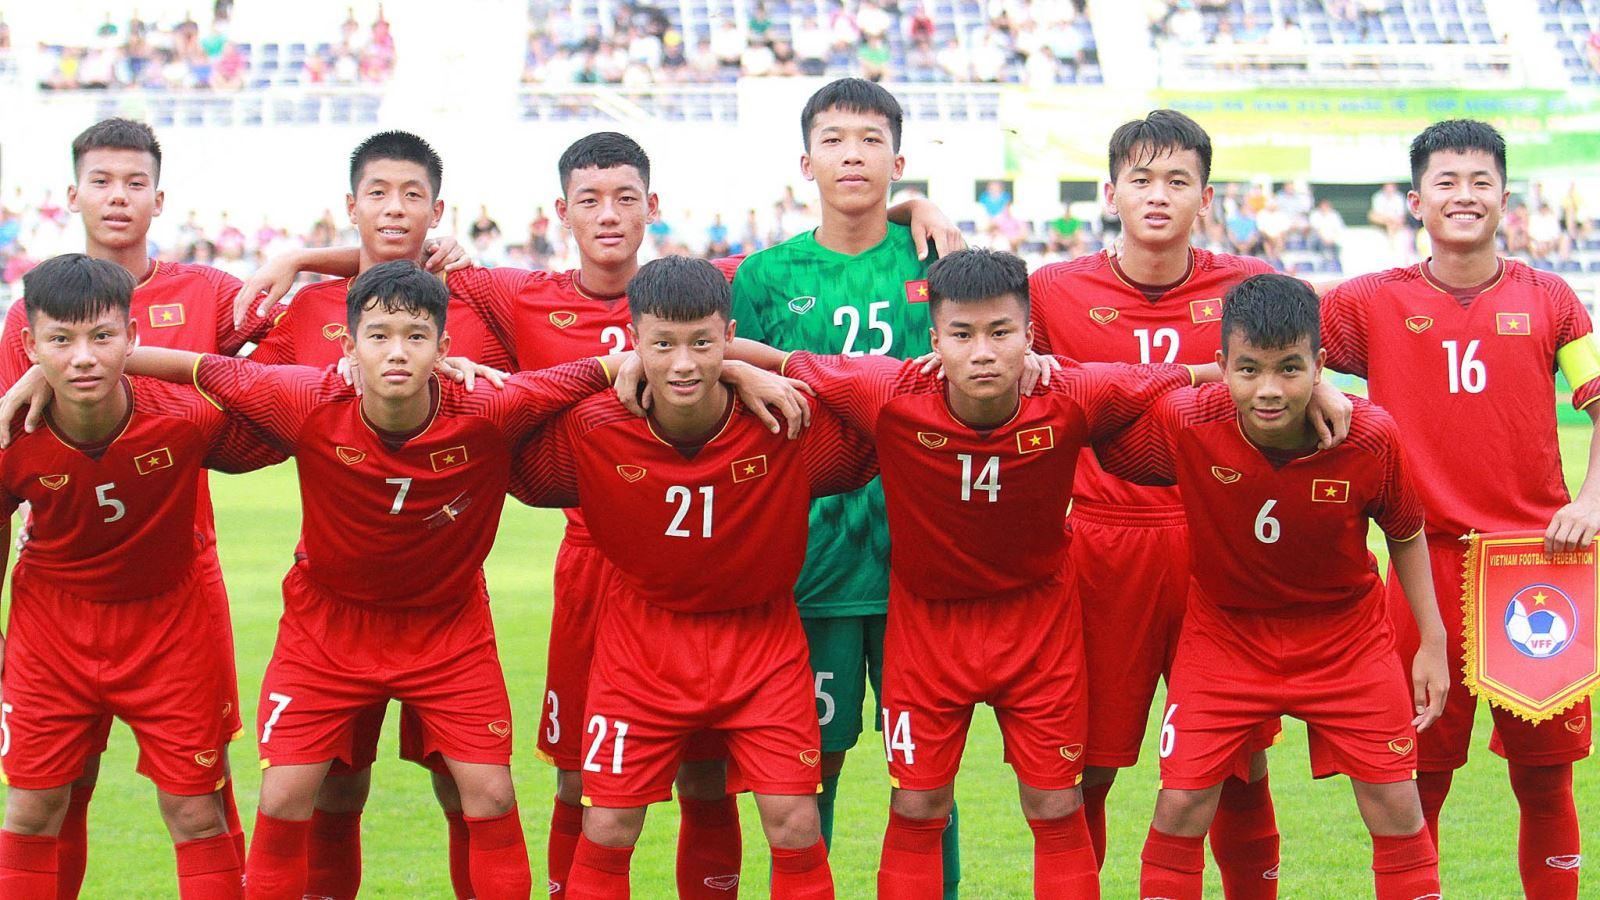 ket qua bong da, kết quả u15 việt nam, kết quả u15 việt nam vs u15 nga, trực tiếp bóng đá, bóng đá Việt Nam, u15 quốc tế, kết quả u15 quốc tế, bong da hom nay